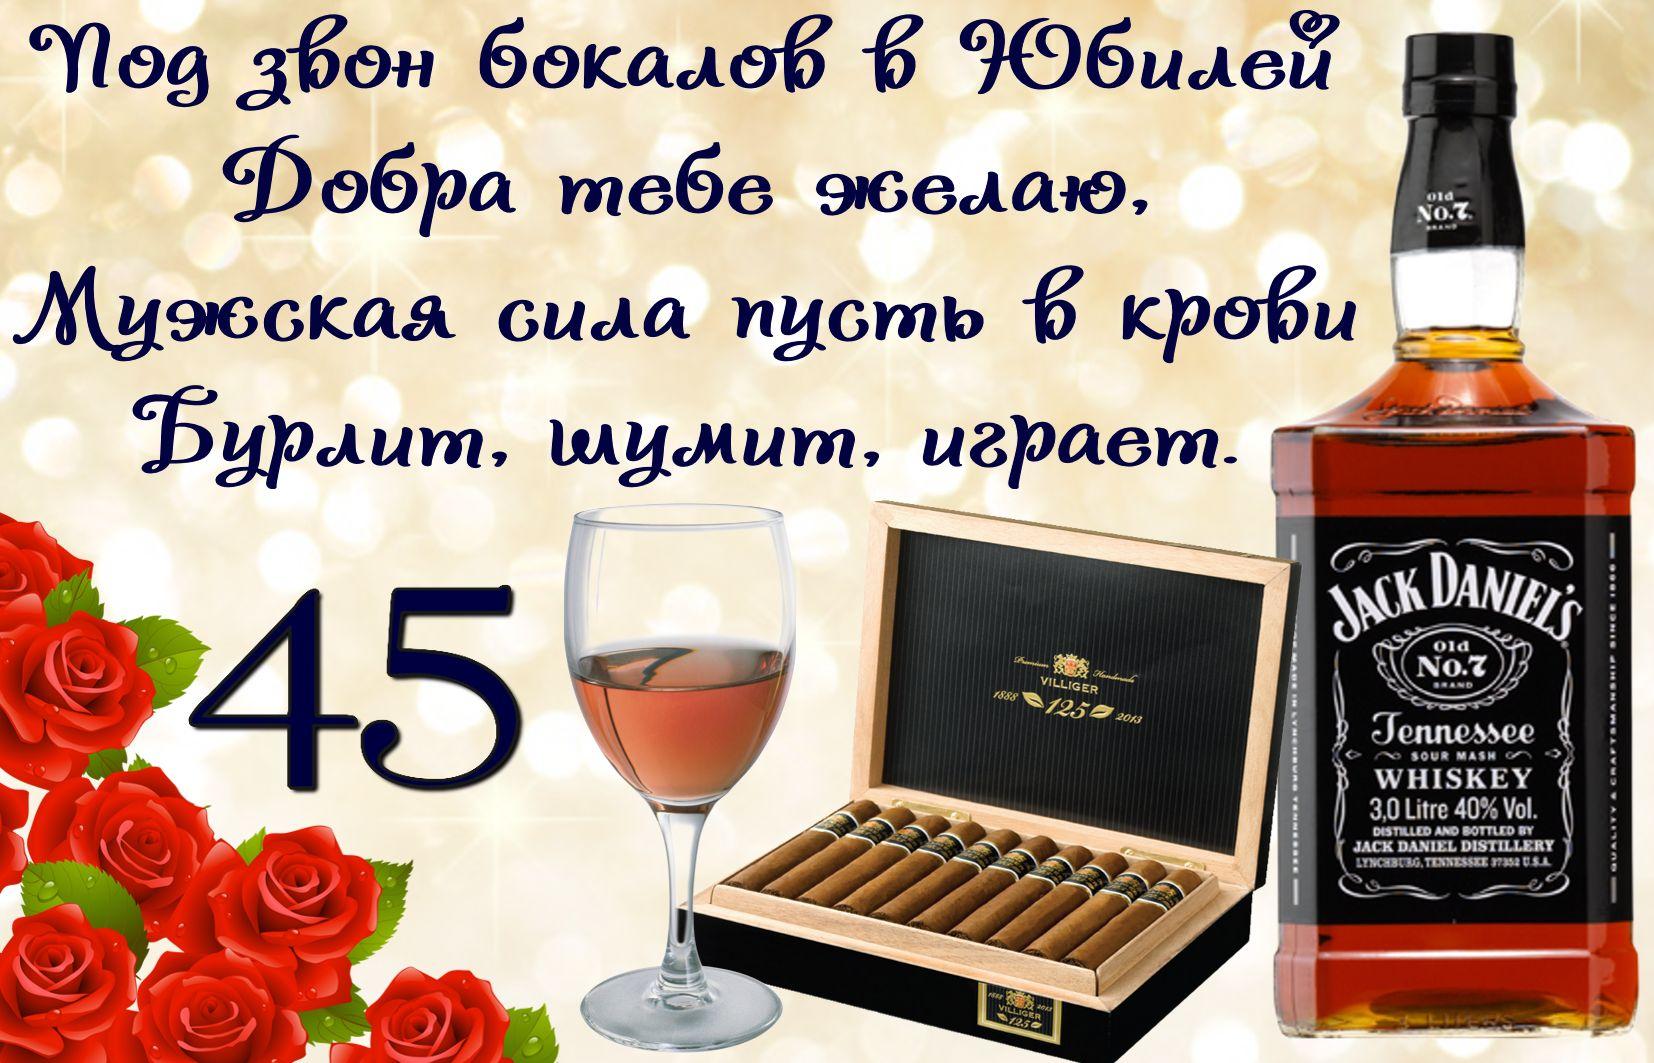 Поздравления с днем рождения мужа юбилеи